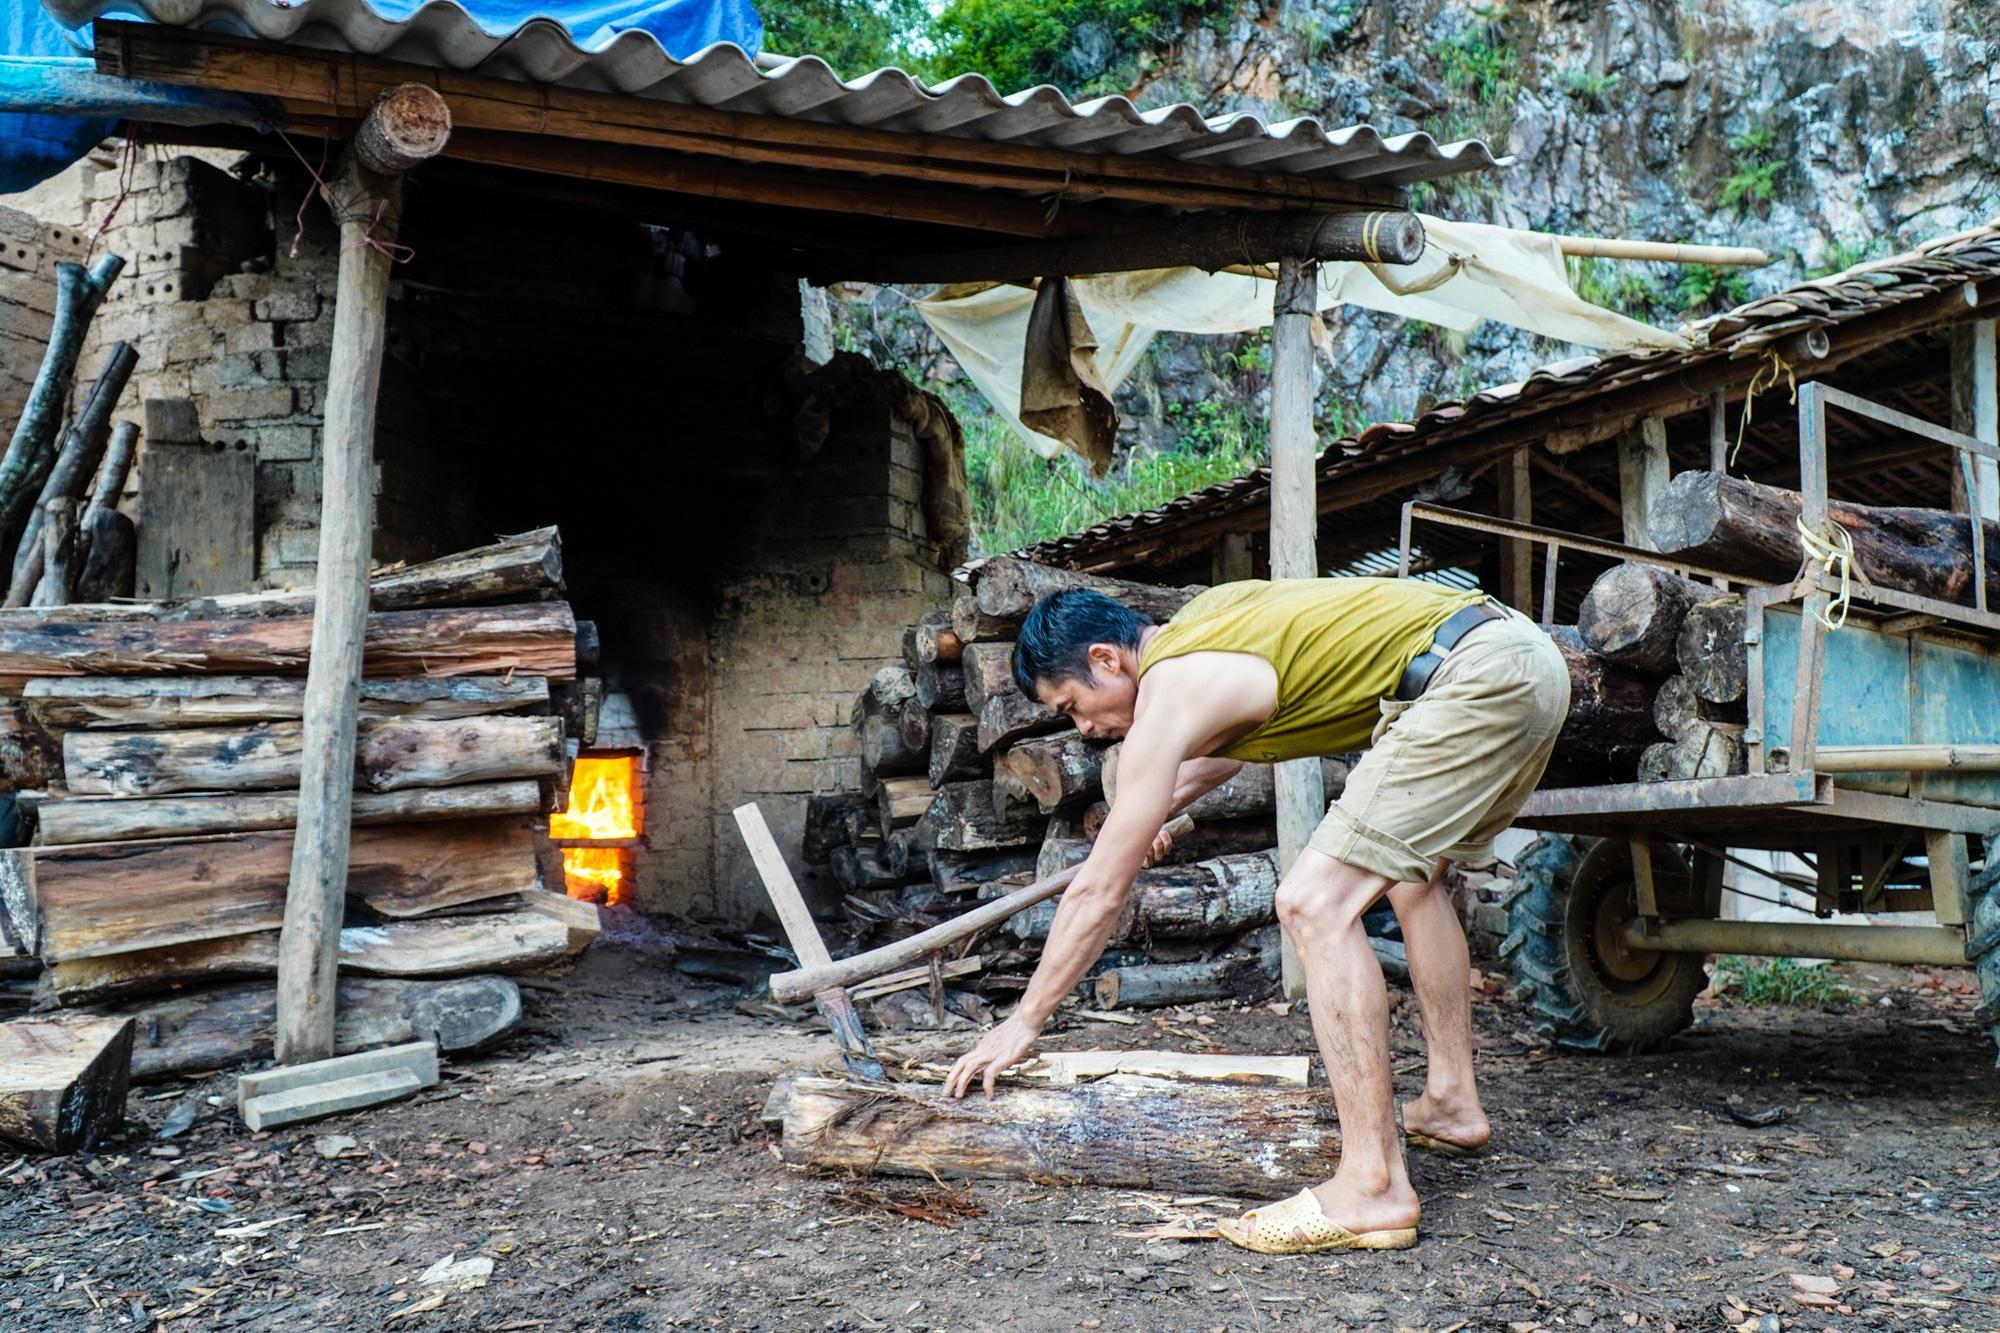 Ngôi làng cuối cùng giữ nghề làm ngói lưu ly ở miền biên viễn Lạng Sơn - Ảnh 3.